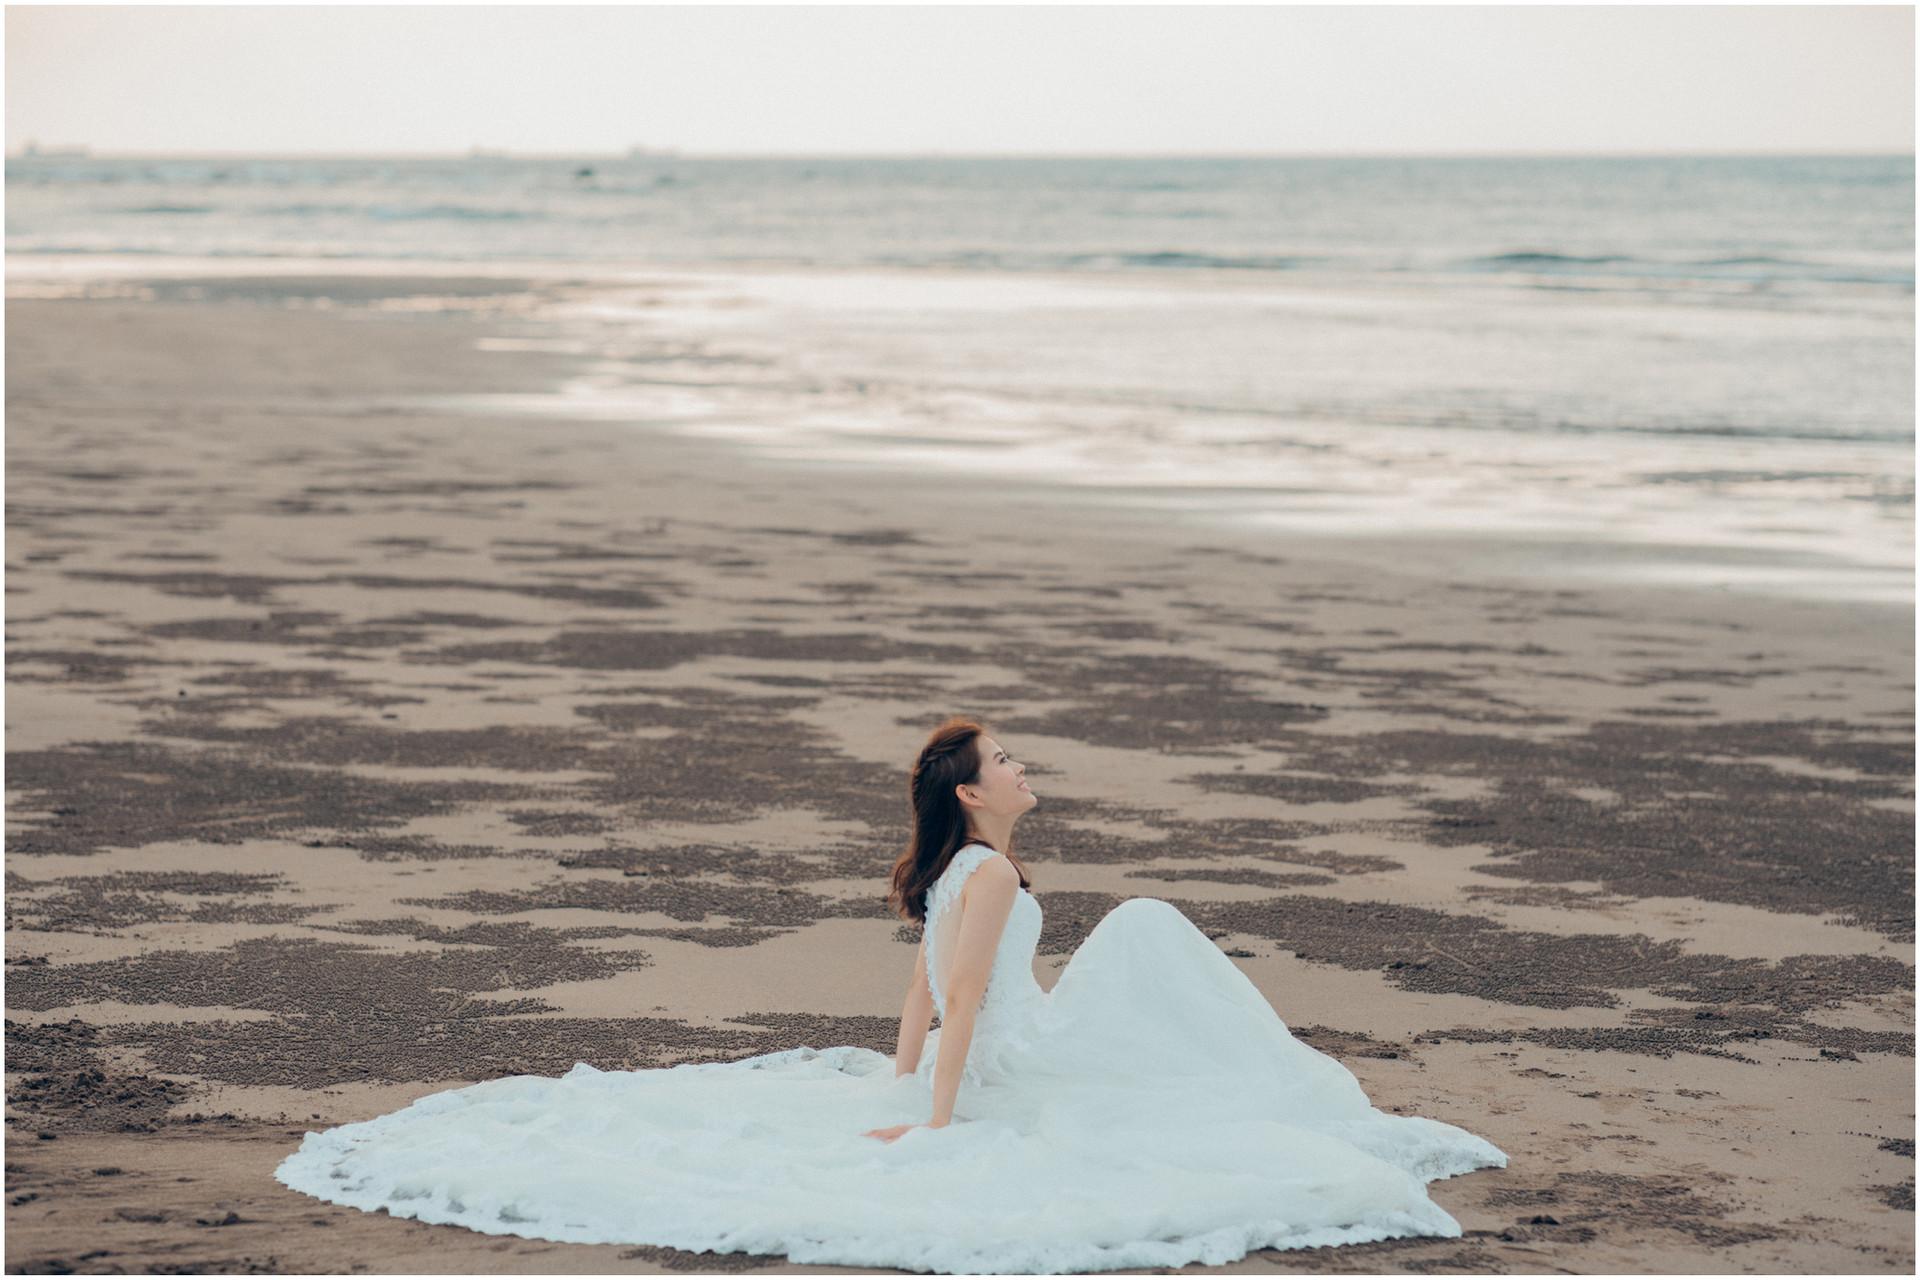 花卉試驗中心 / 黑森林 / 沙崙海邊 / 寵物婚紗 / 自然捲棚拍 / 素人寫真